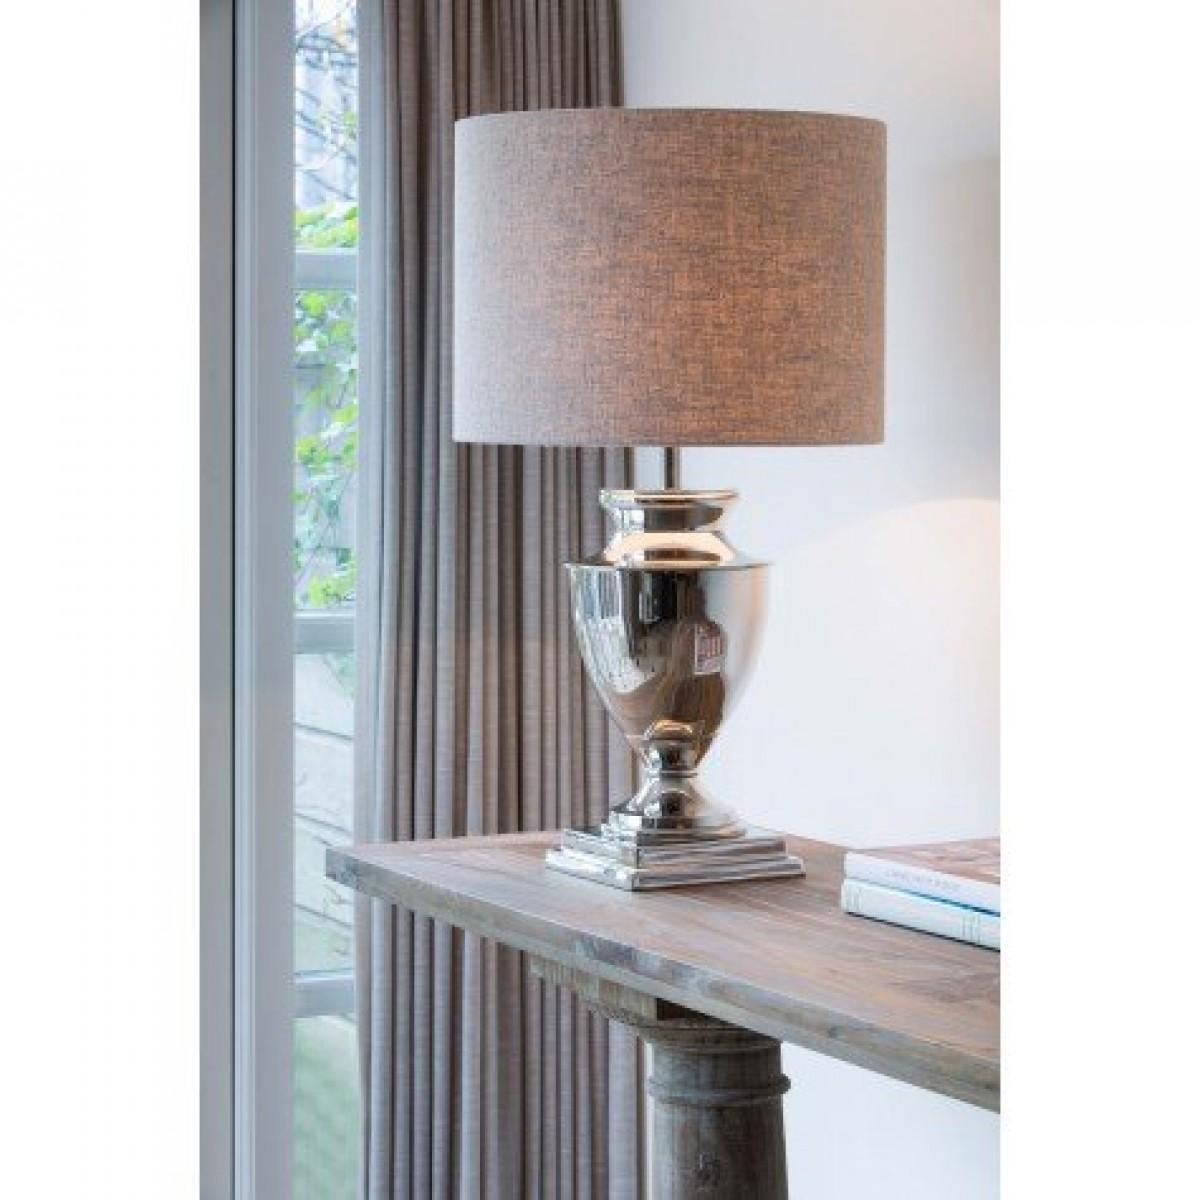 tischlampe silber tischleuchte verchromt mit lampenschirm durchmesser 23 50 cm tischleuchten. Black Bedroom Furniture Sets. Home Design Ideas